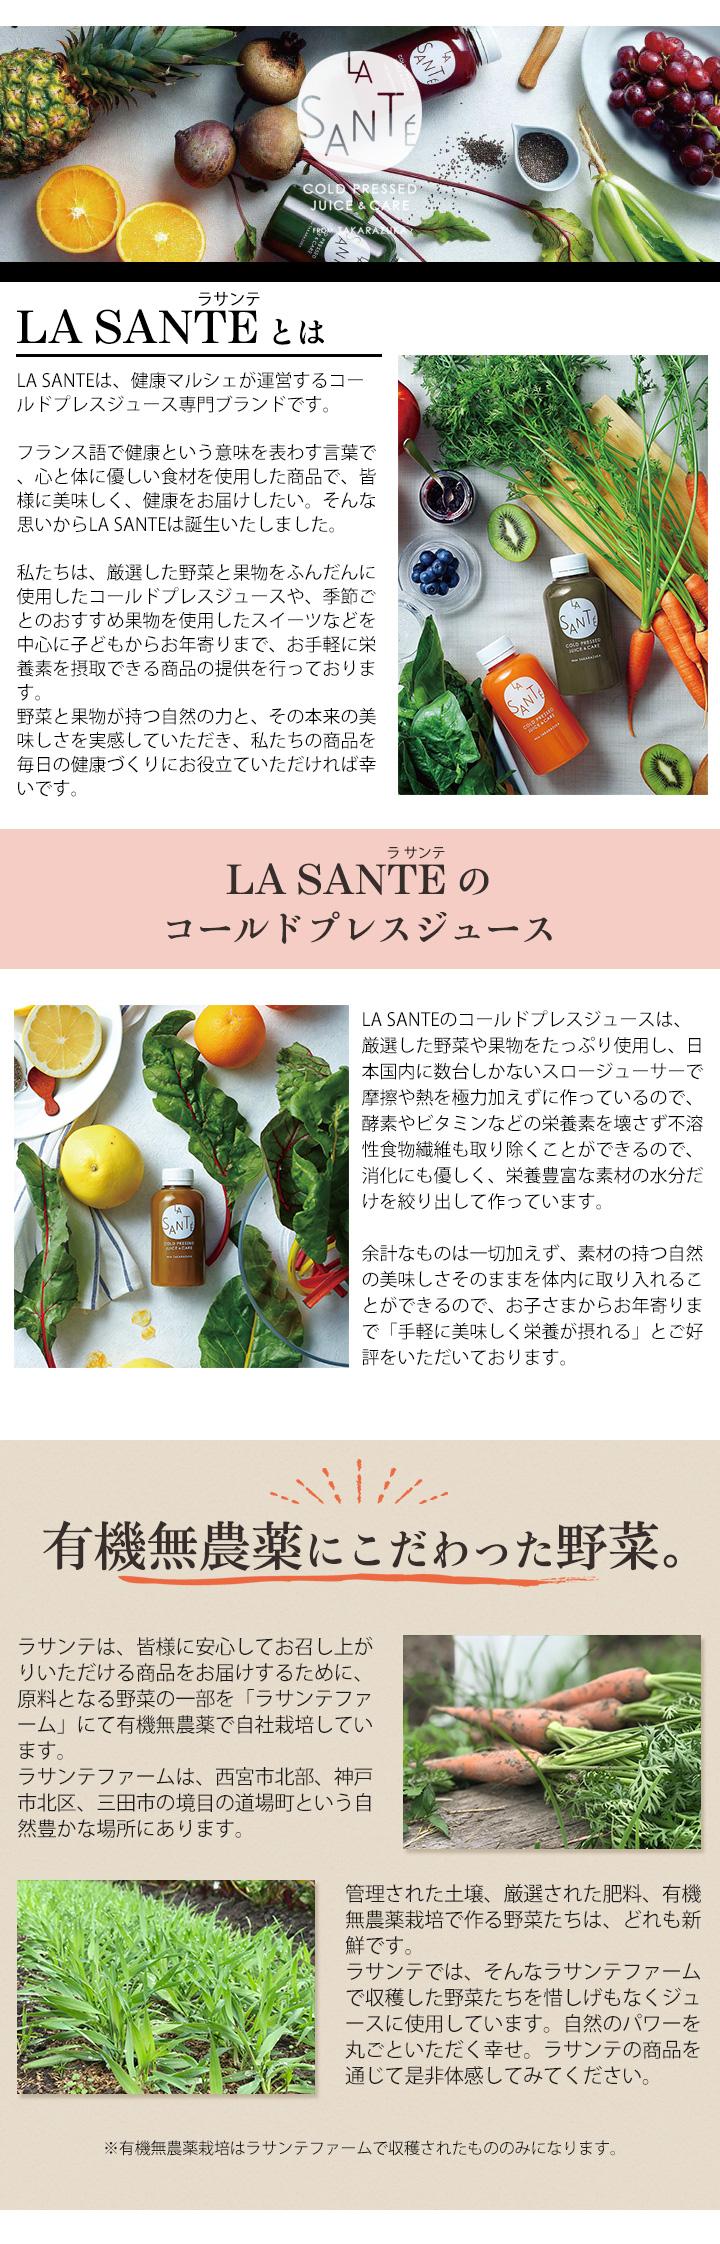 宝塚ラサンテ コールドプレスジュースは有機無農薬にこだわった野菜を使用